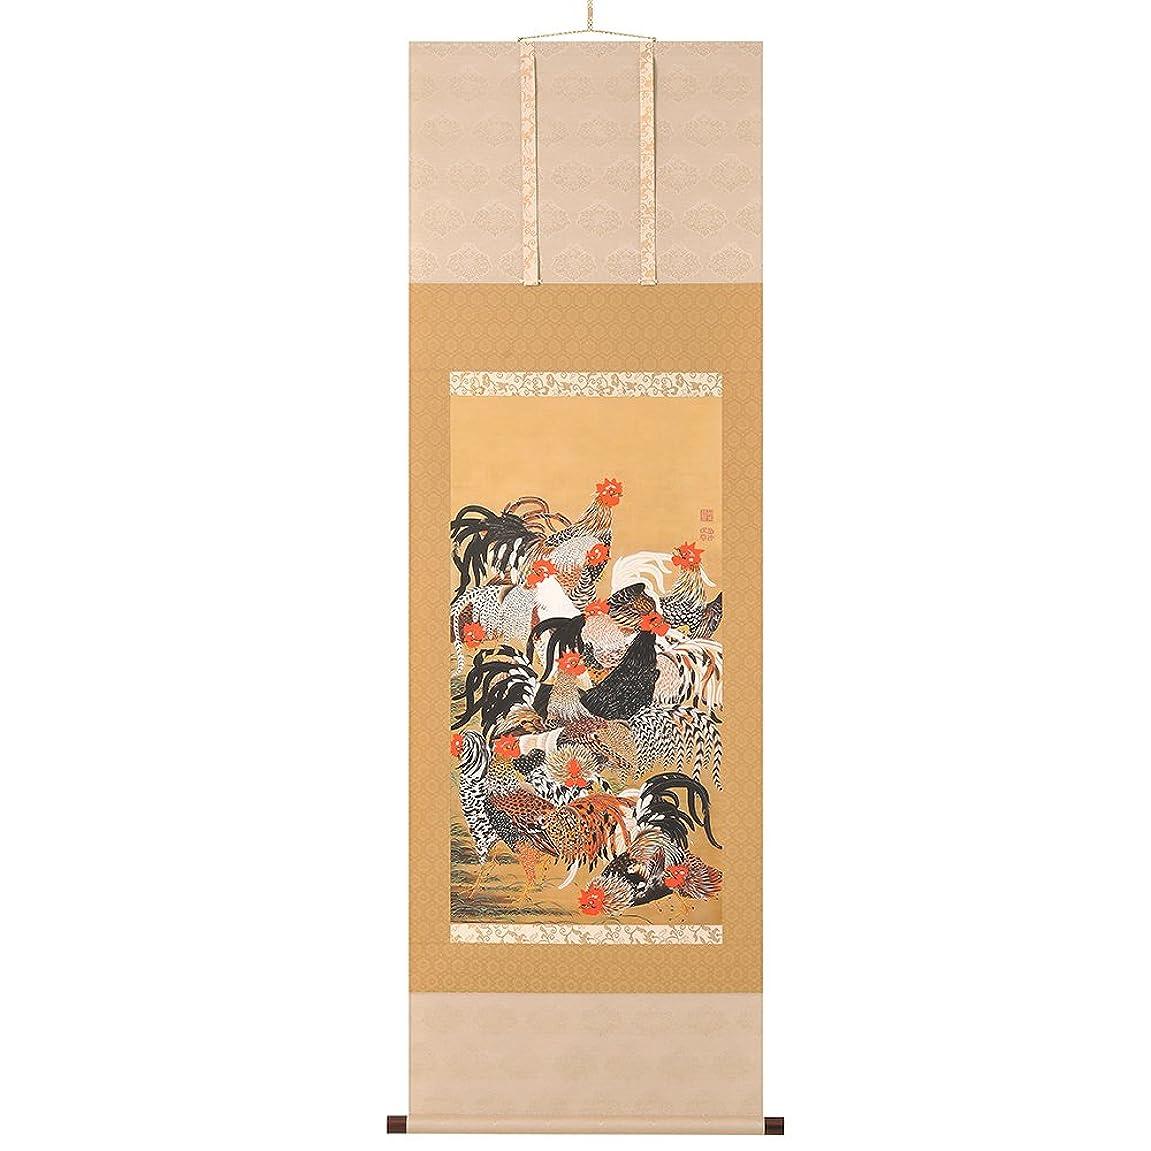 肩をすくめる勧める代理店ユーパワー Tadaharu Itoi 糸井忠晴 ハンドペイントミニアートフレーム